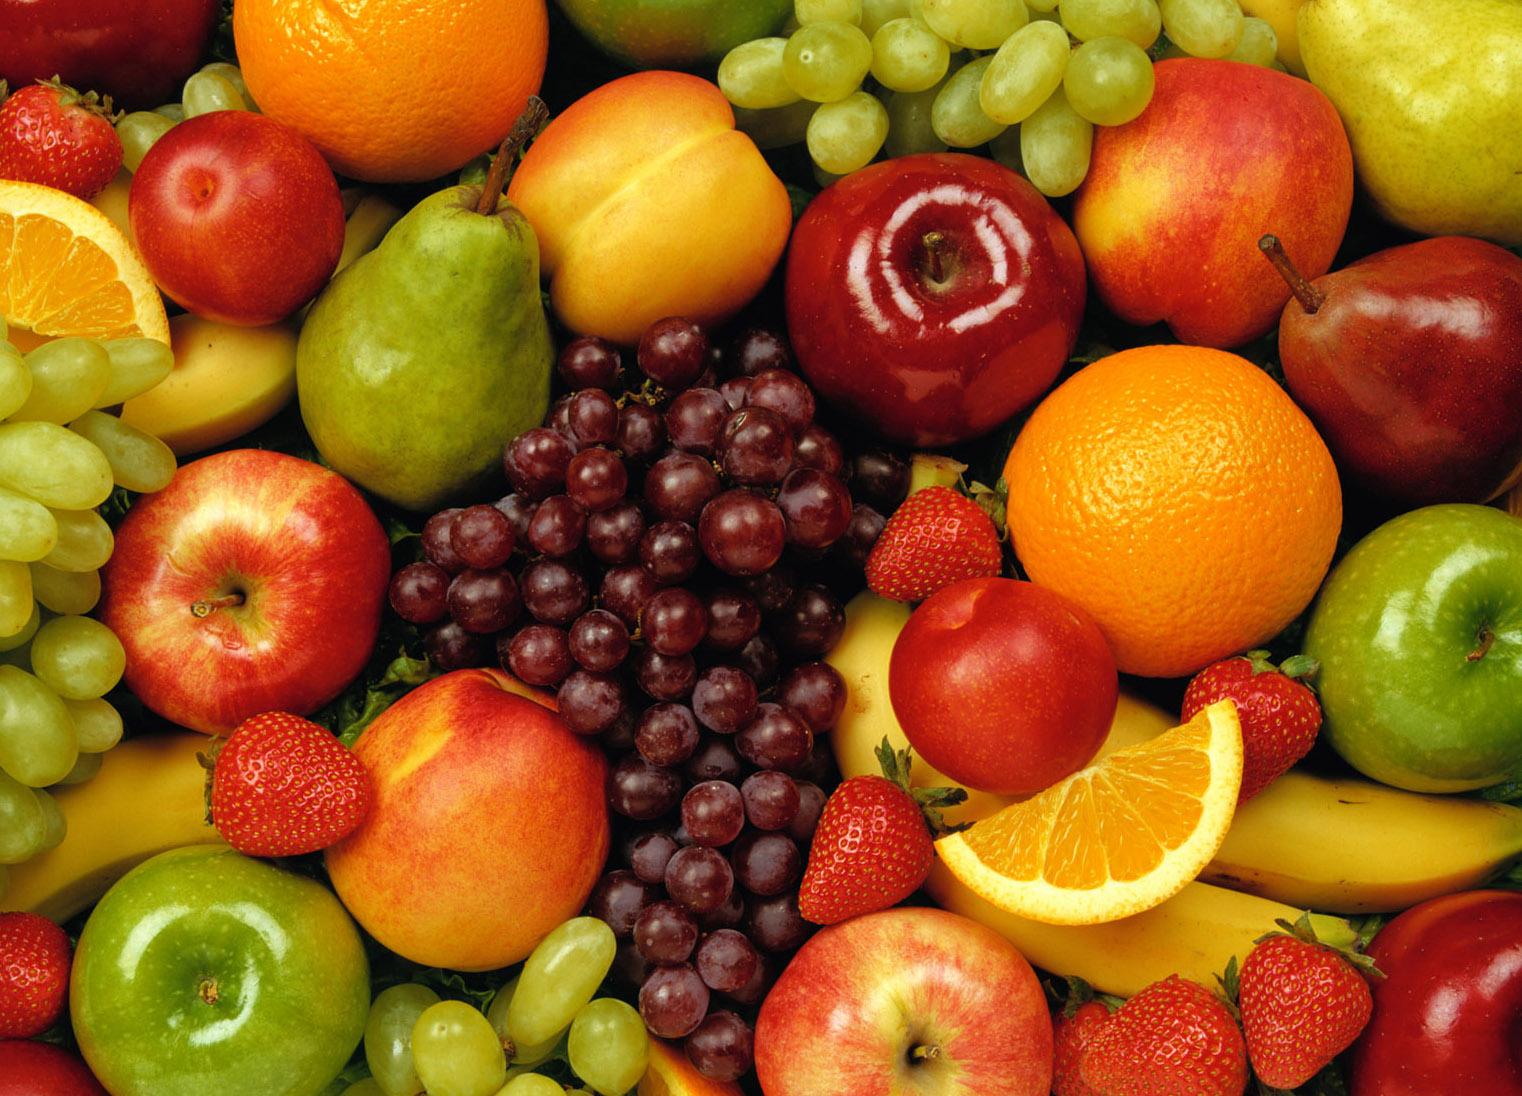 Al via il programma UE per #frutta, #verdura e #latte gratuiti nelle scuole